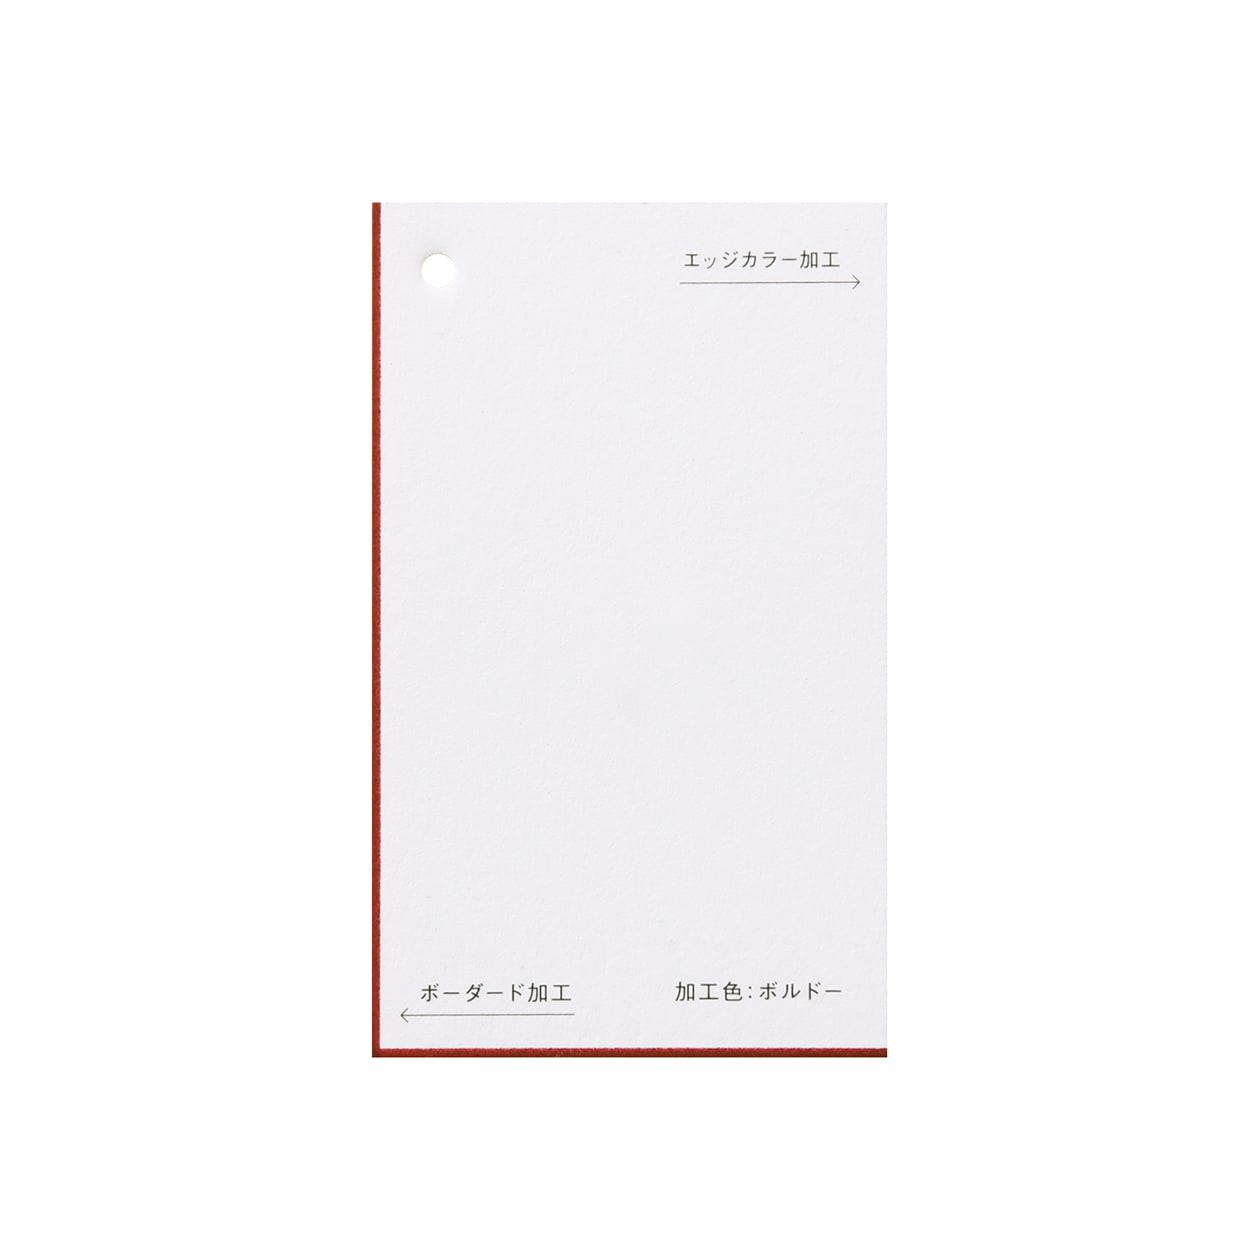 加工色見本 00153ボーダード・エッジカラー ボルドー スノーホワイト 348.8g